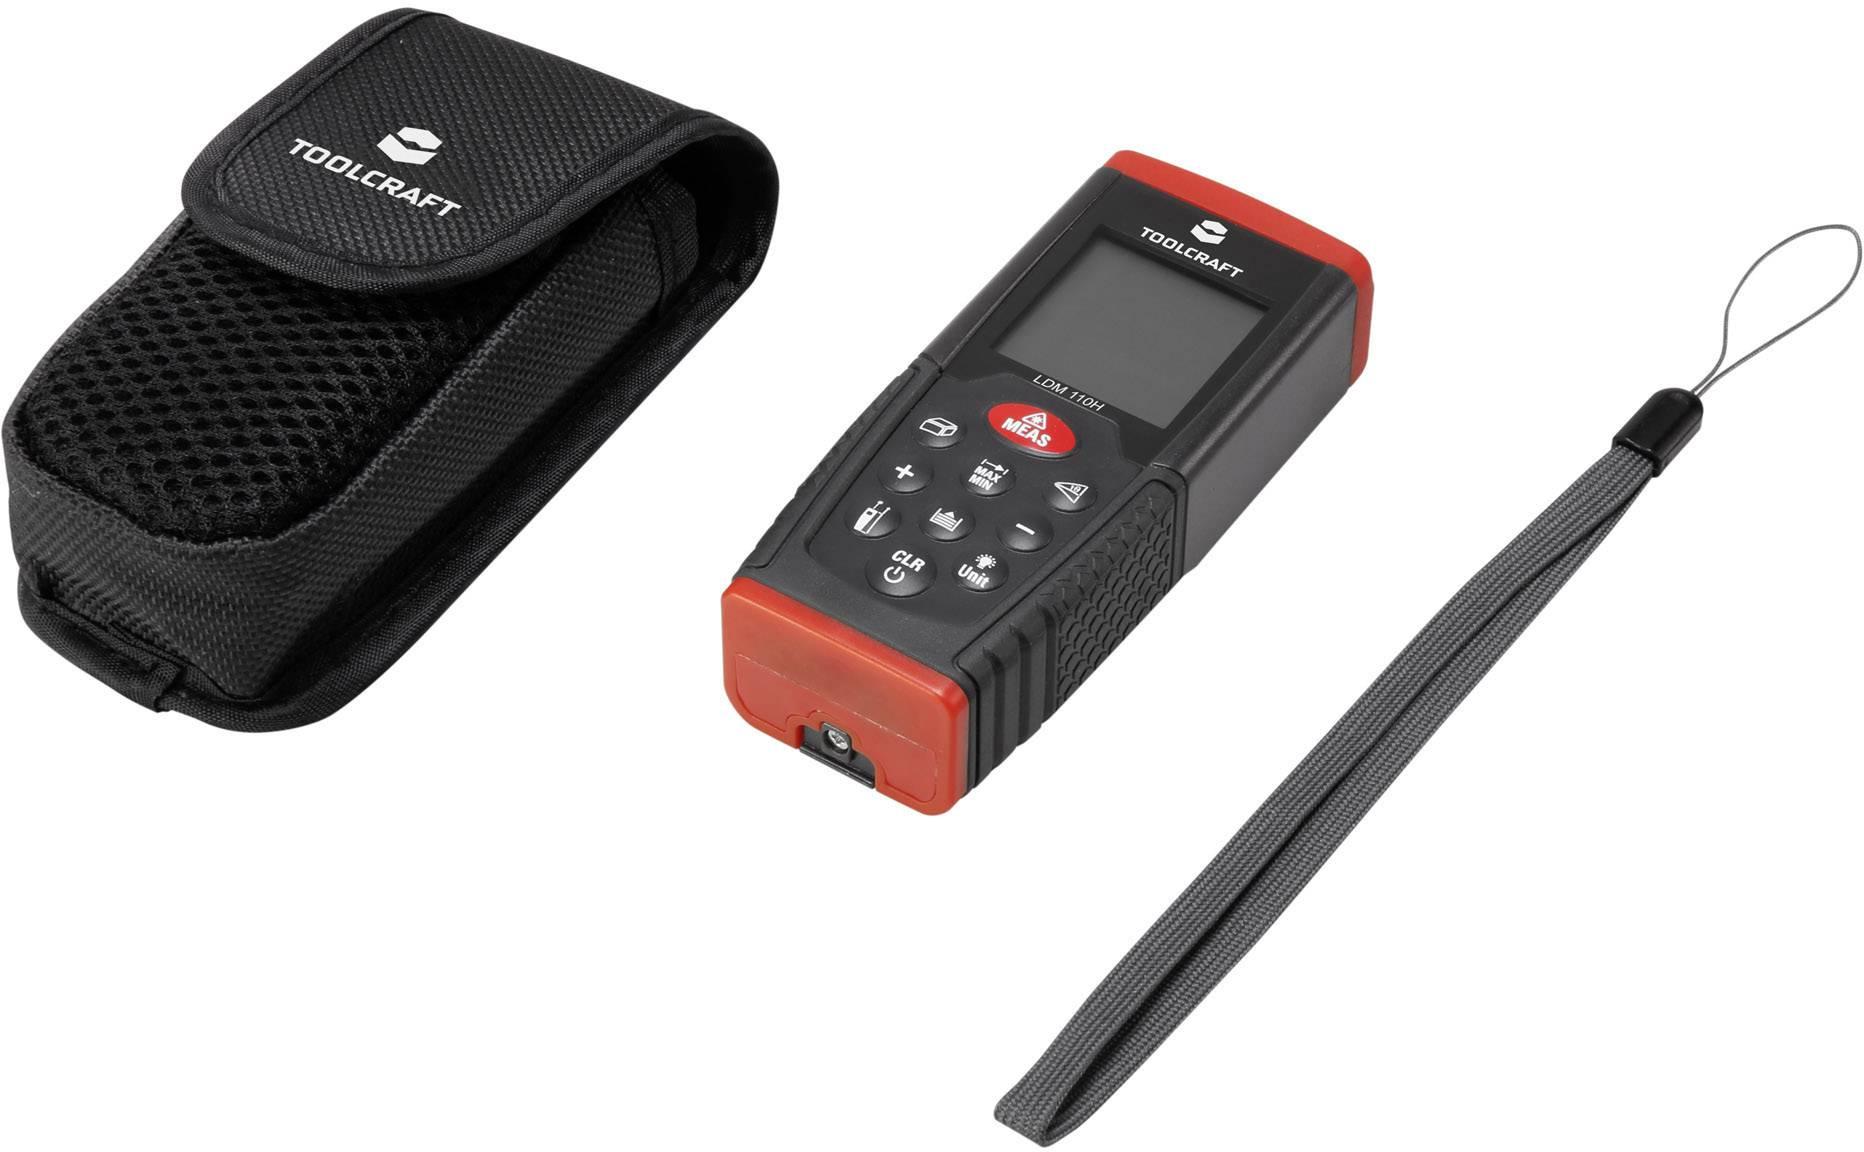 Laser Entfernungsmesser Mieten : Toolcraft ldm h laser entfernungsmesser messbereich max m